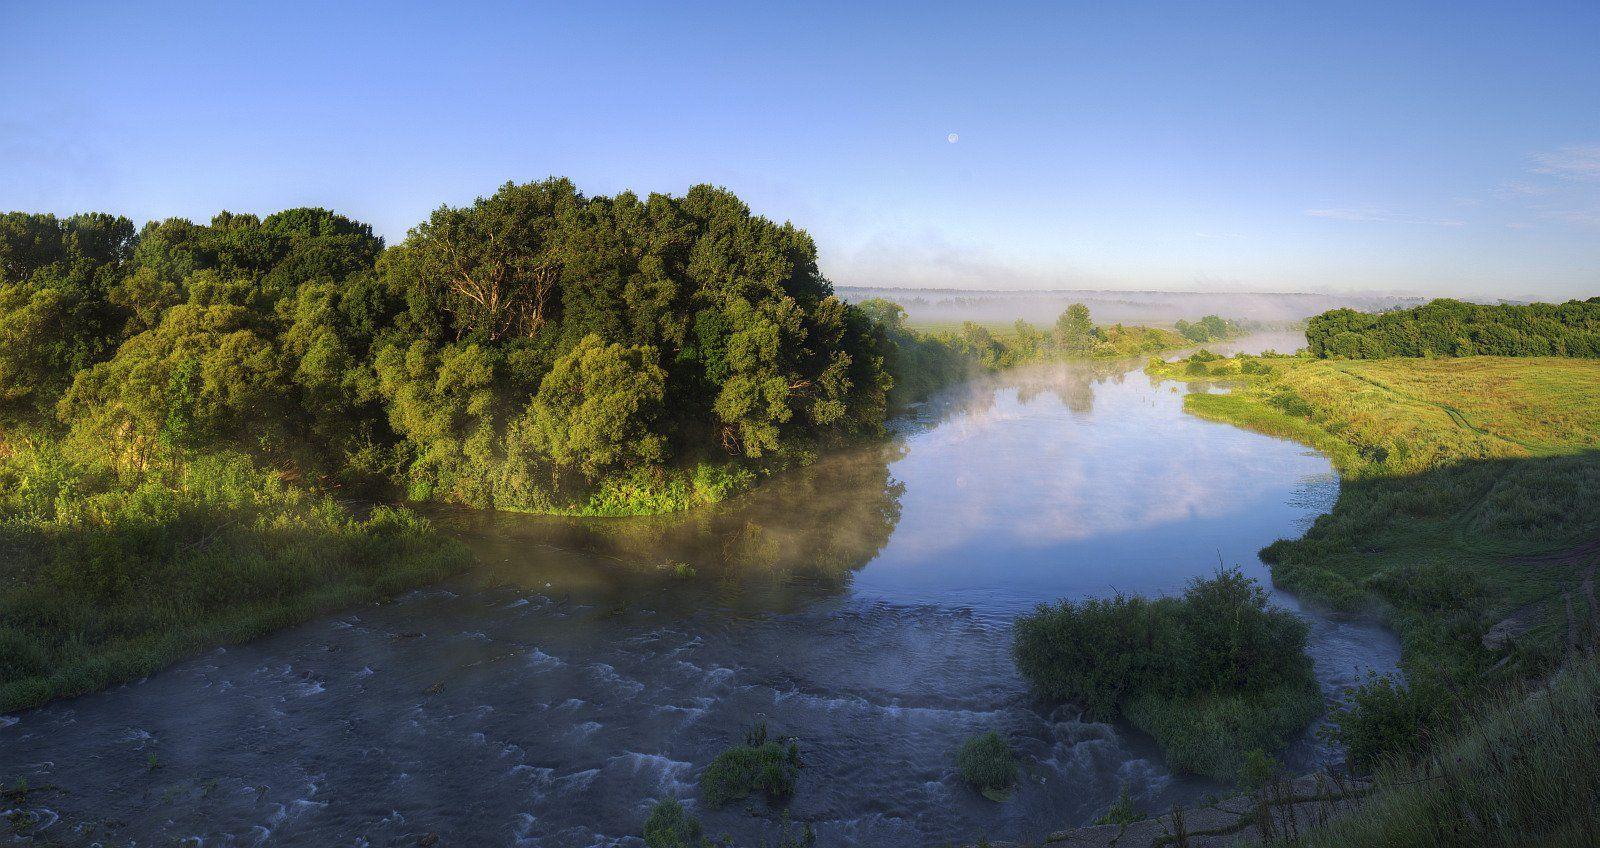 пейзаж, природа, лето, река, рассвет, утро, россия, туман, Ефимов Александр